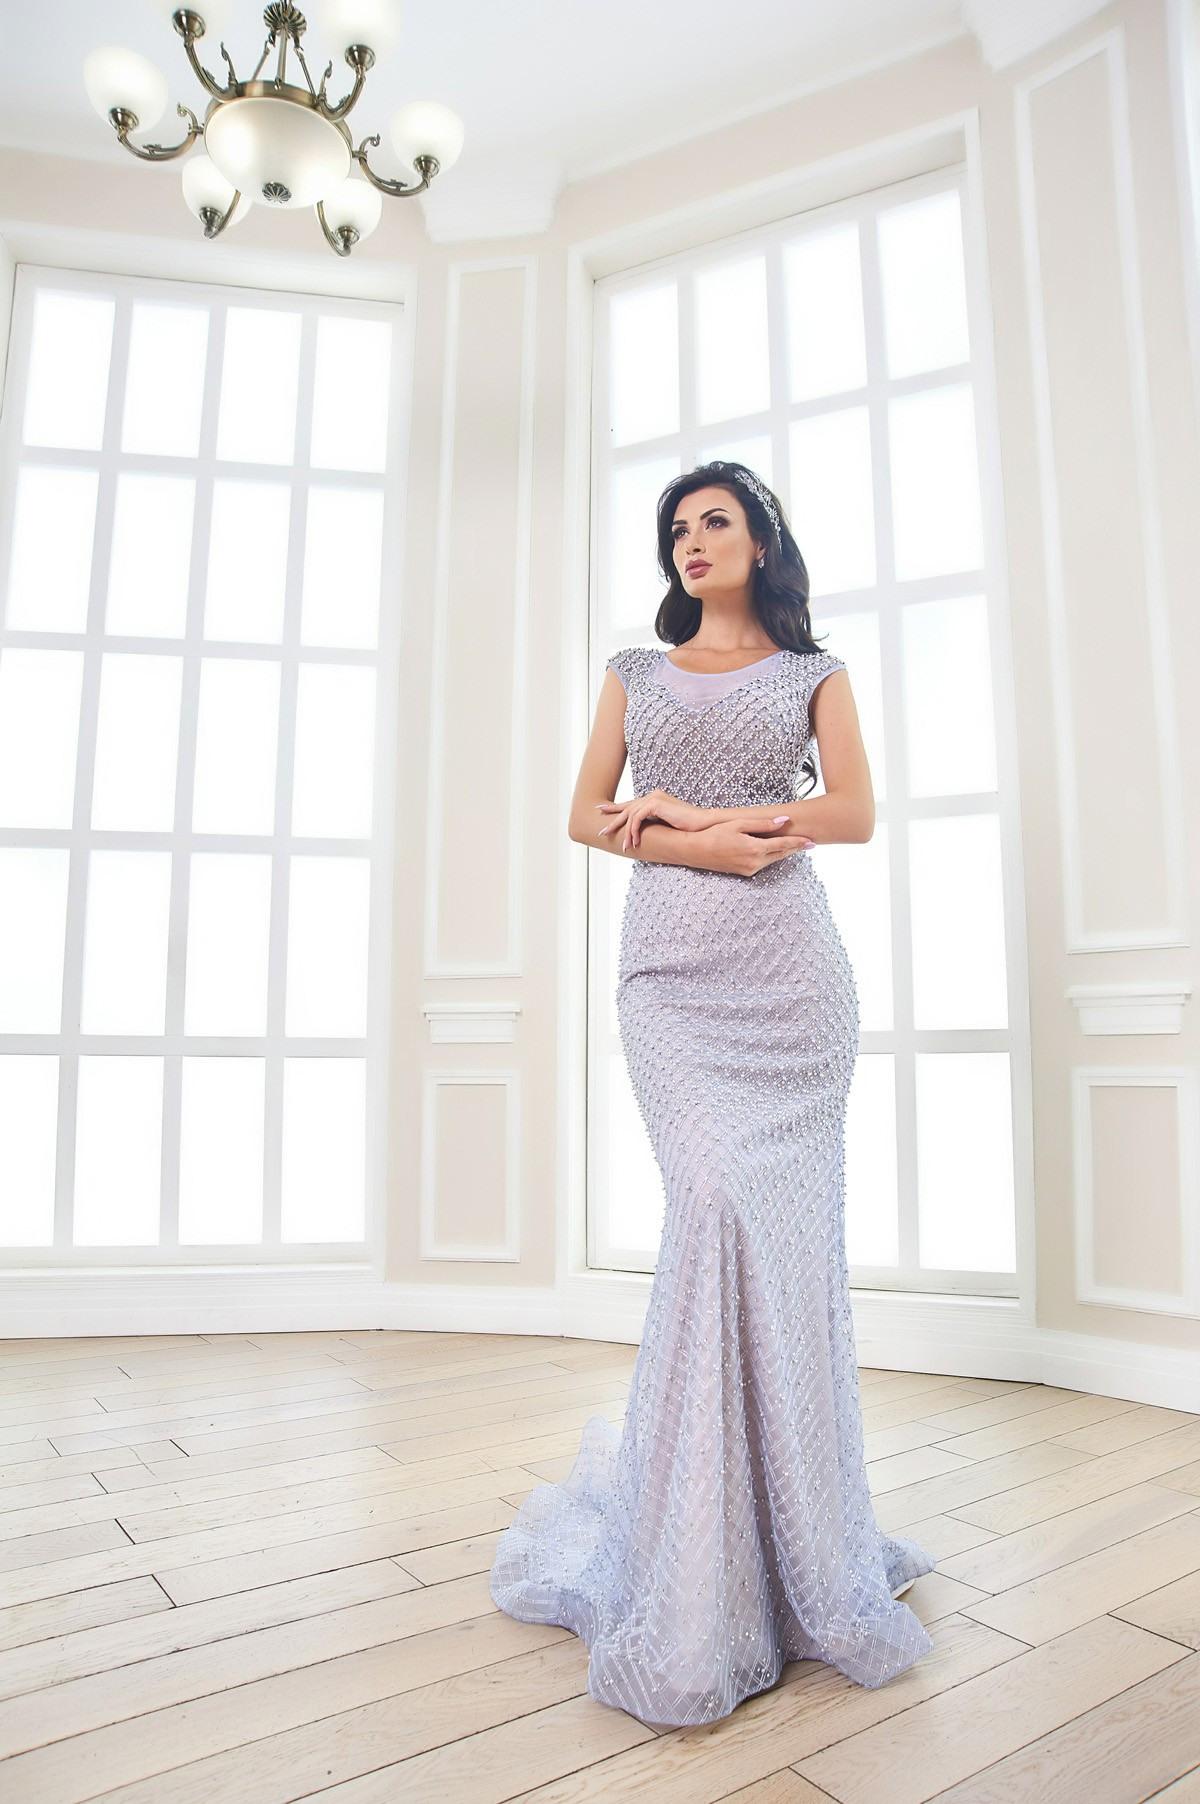 15 Fantastisch Abendkleider Ausleihen Spezialgebiet Schön Abendkleider Ausleihen Boutique